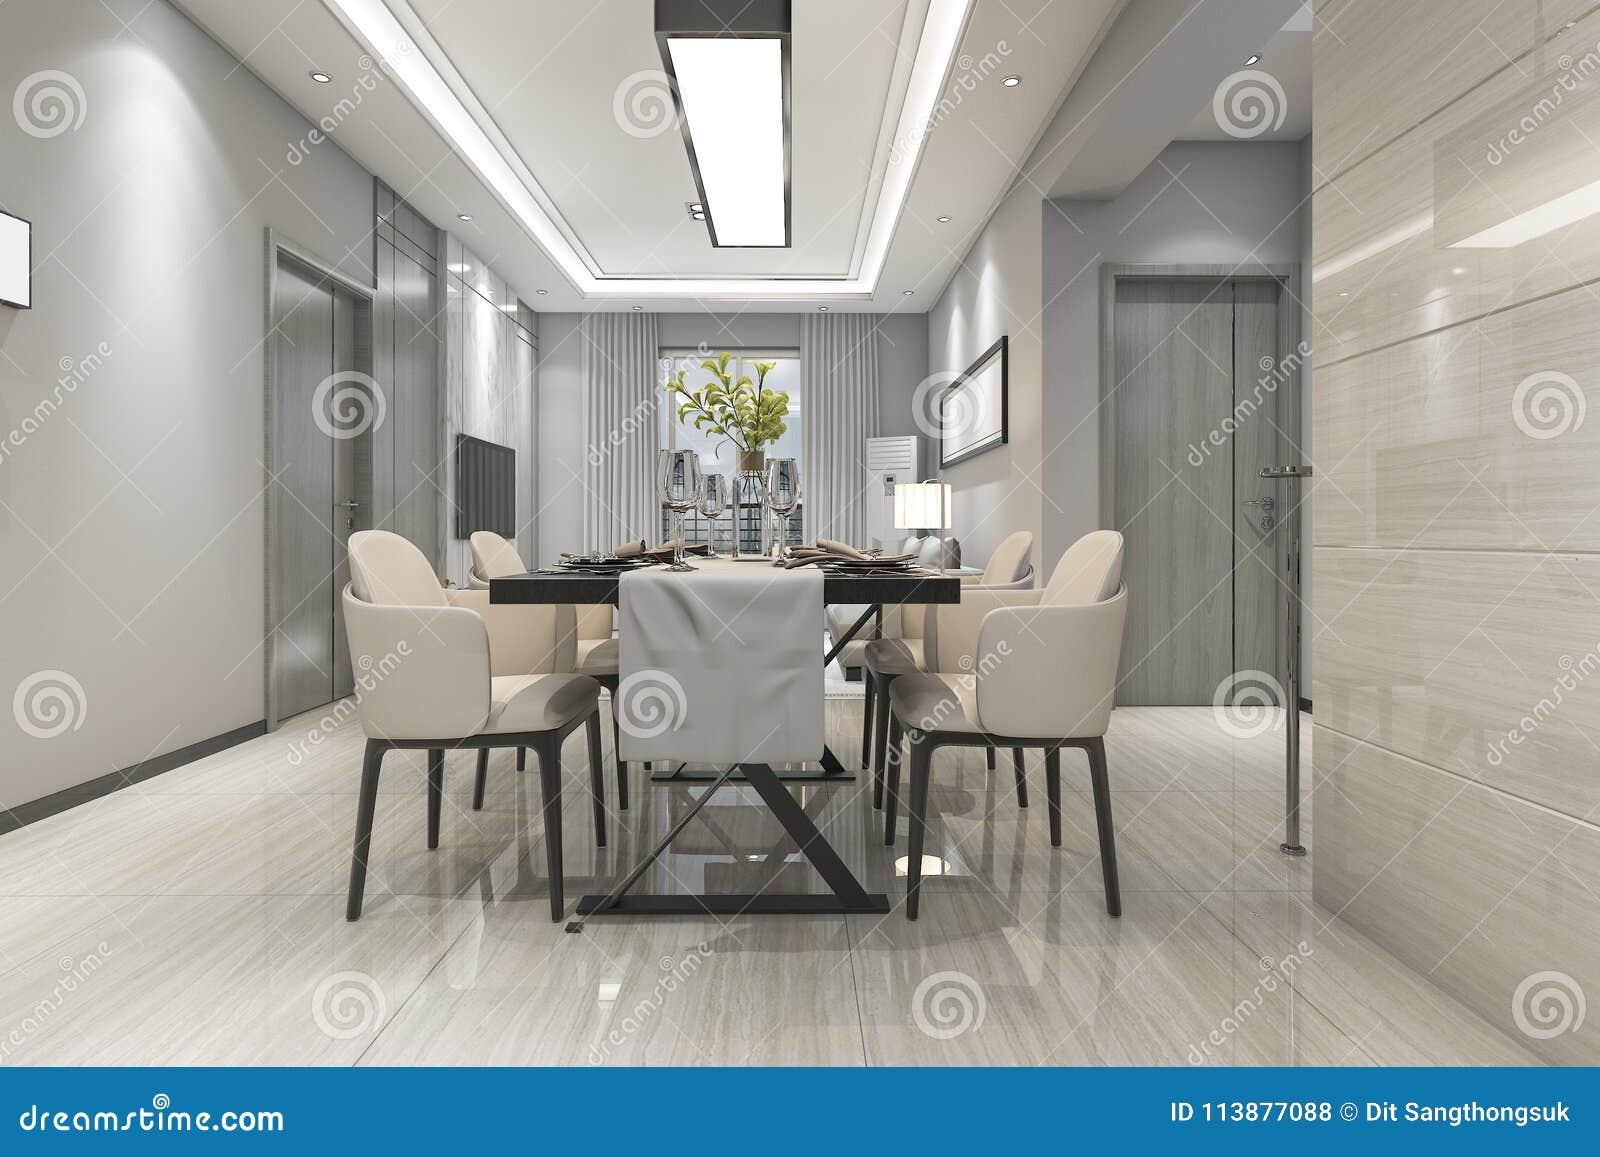 Eetkamer In Woonkamer : D het teruggeven moderne eetkamer en woonkamer met luxedecor